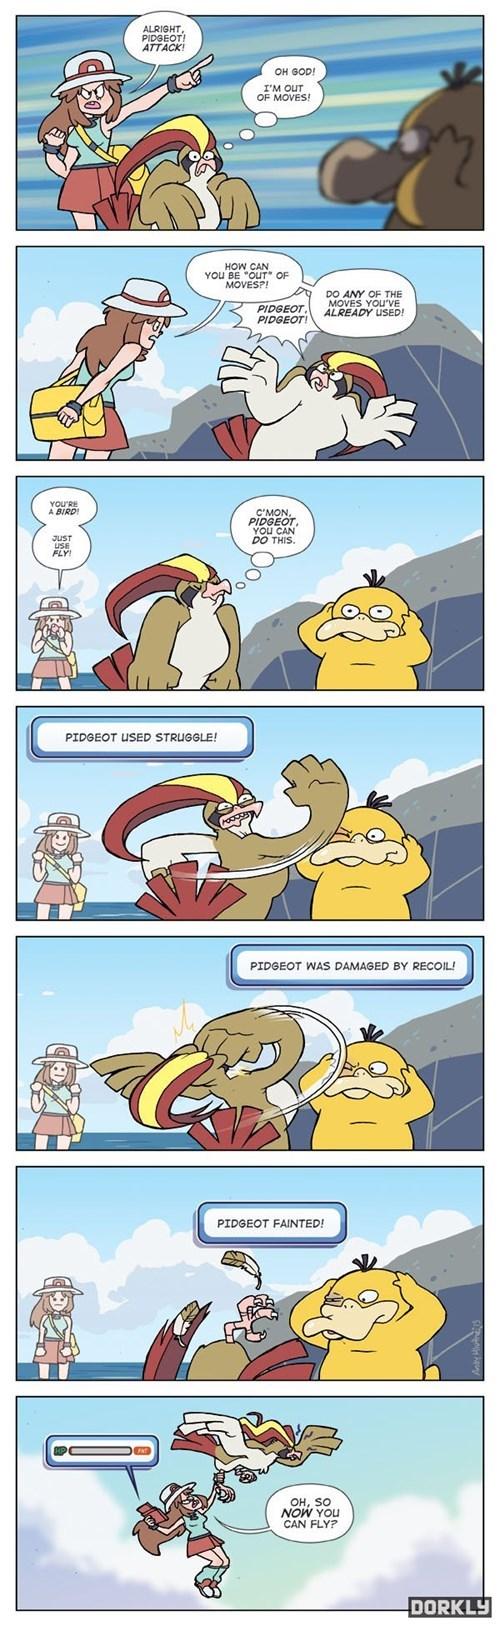 The Pokemon Thread (dun-dun-duhhh!) - Page 6 H03A8A485